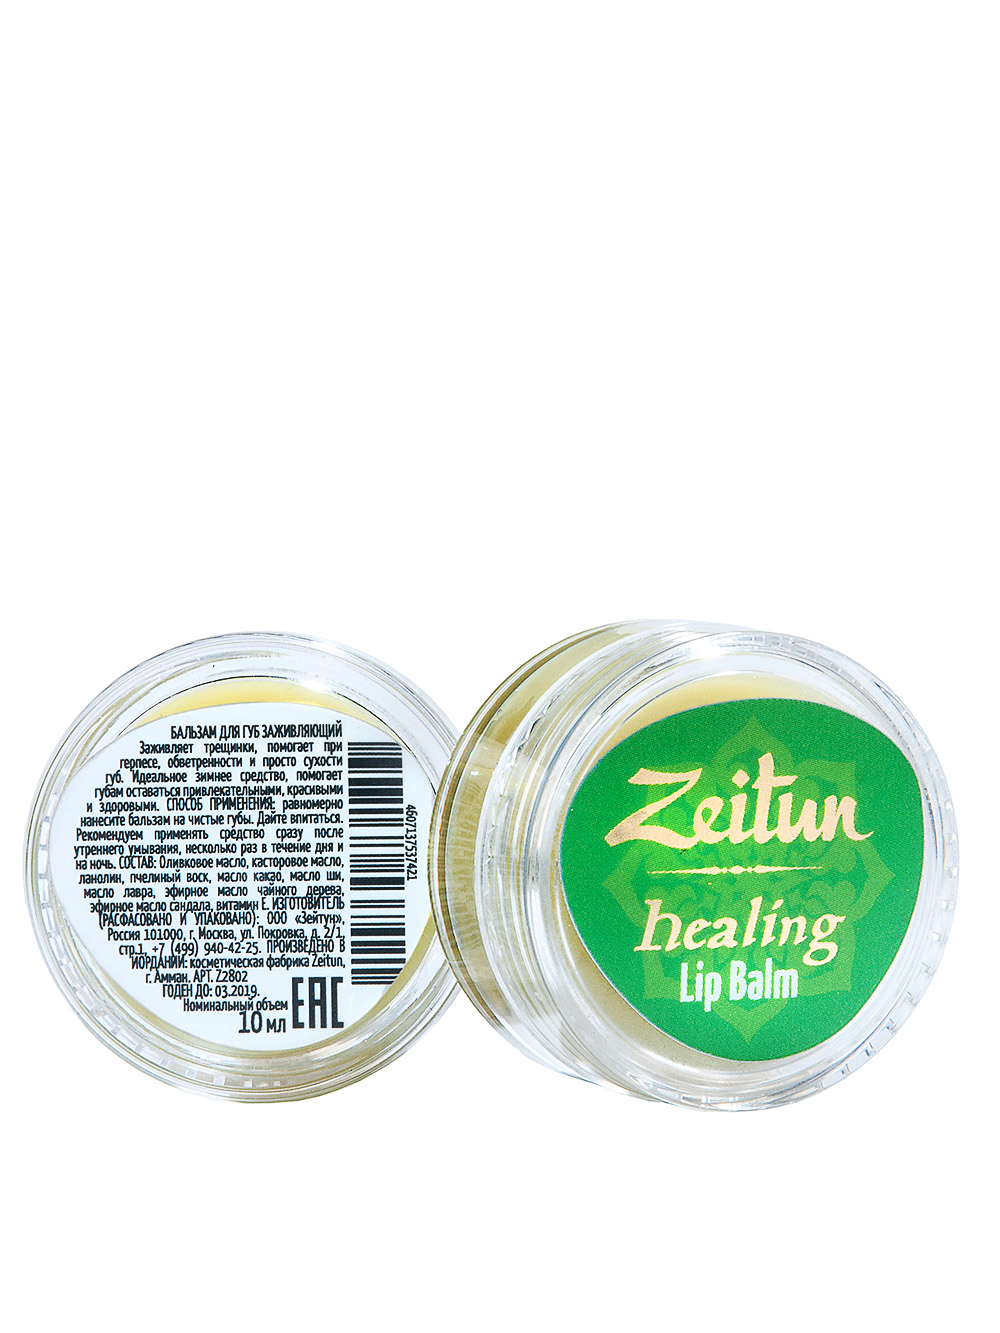 ZEITUN Заживляющий бальзам для губ с маслом чайного дерева и сандала 10 мл